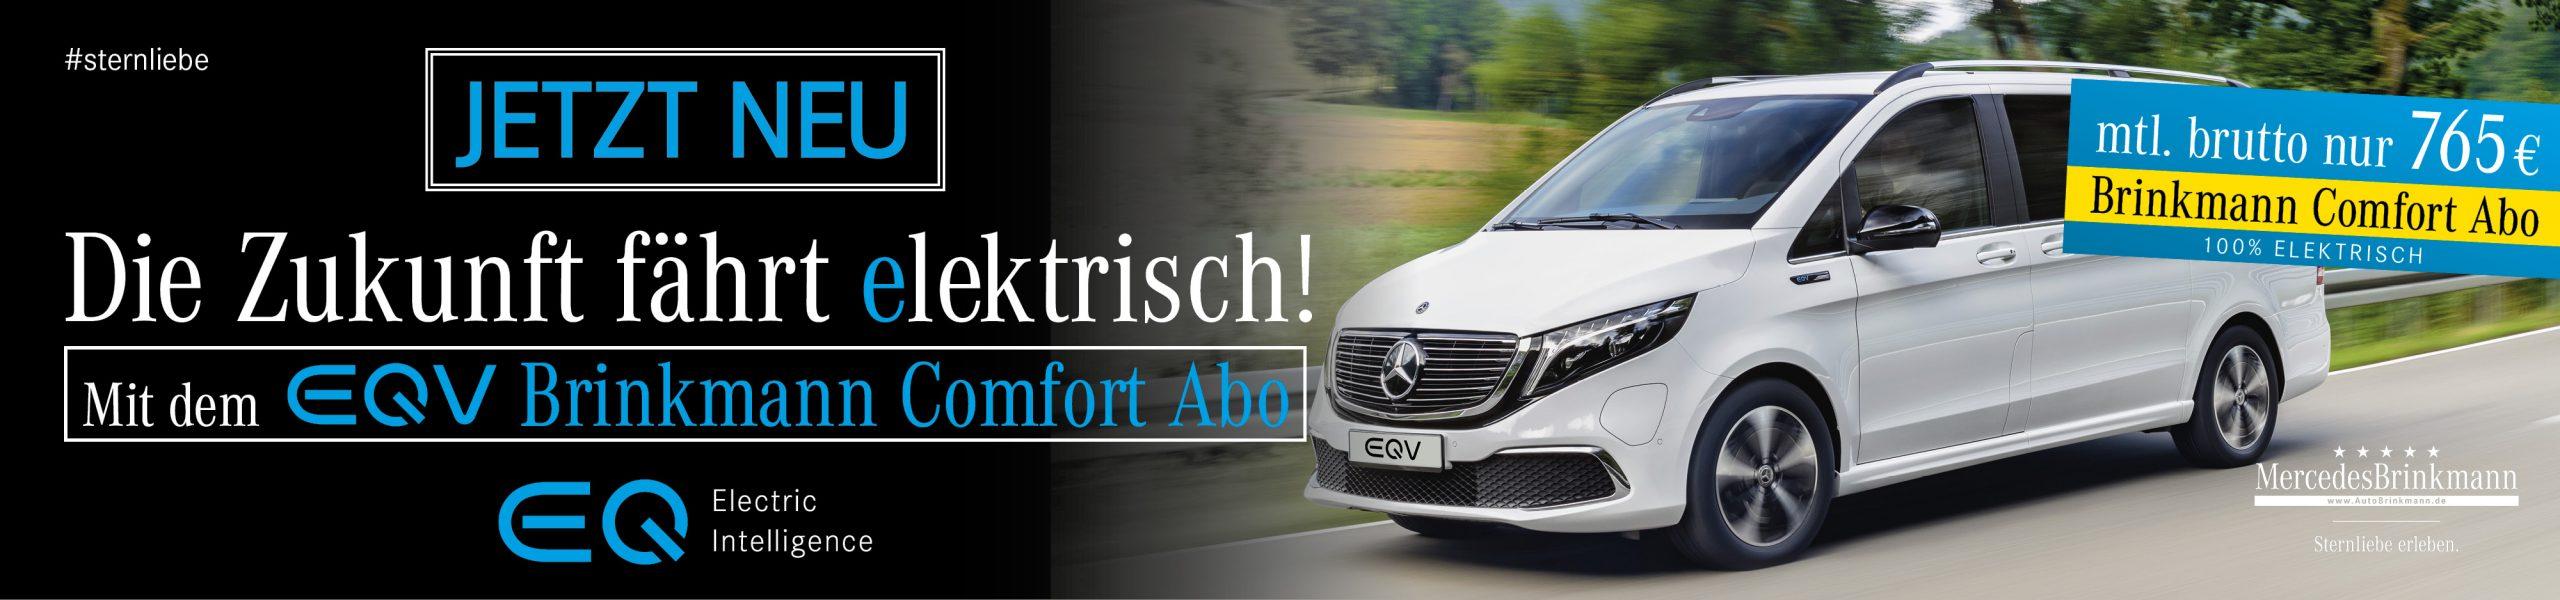 EQV Abo bei Mercedes brinkmann